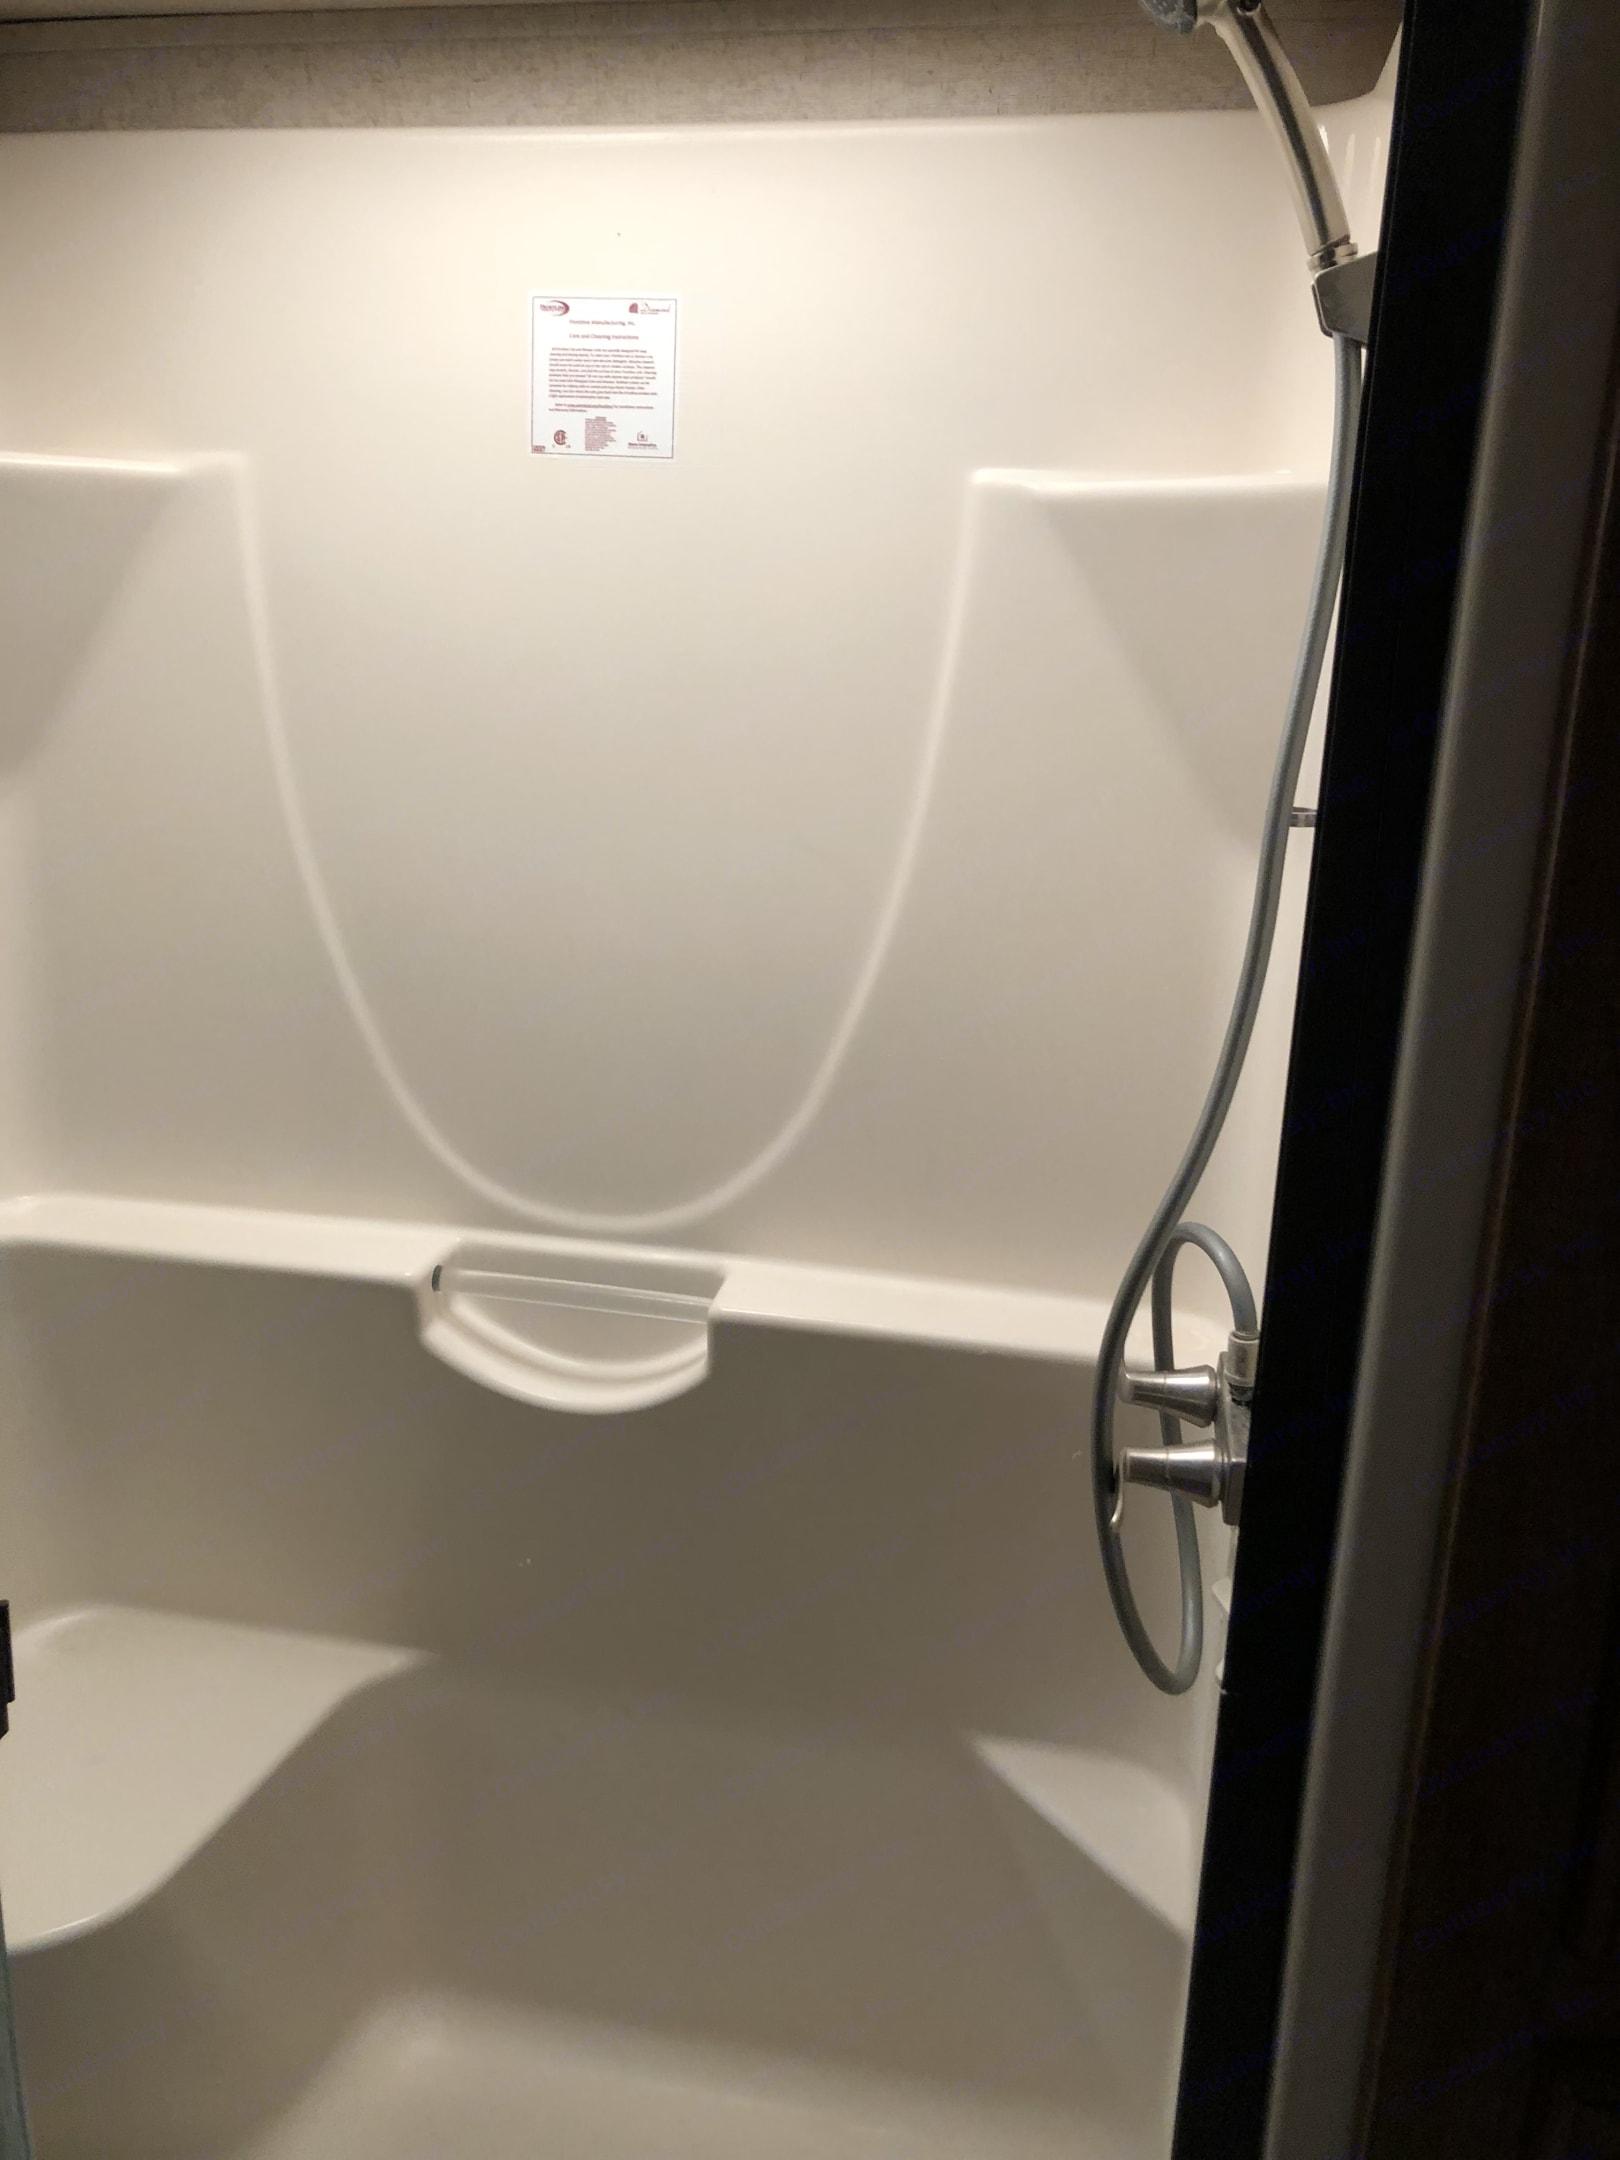 Master bath FULL SIZE shower. Heartland Sundance 2018